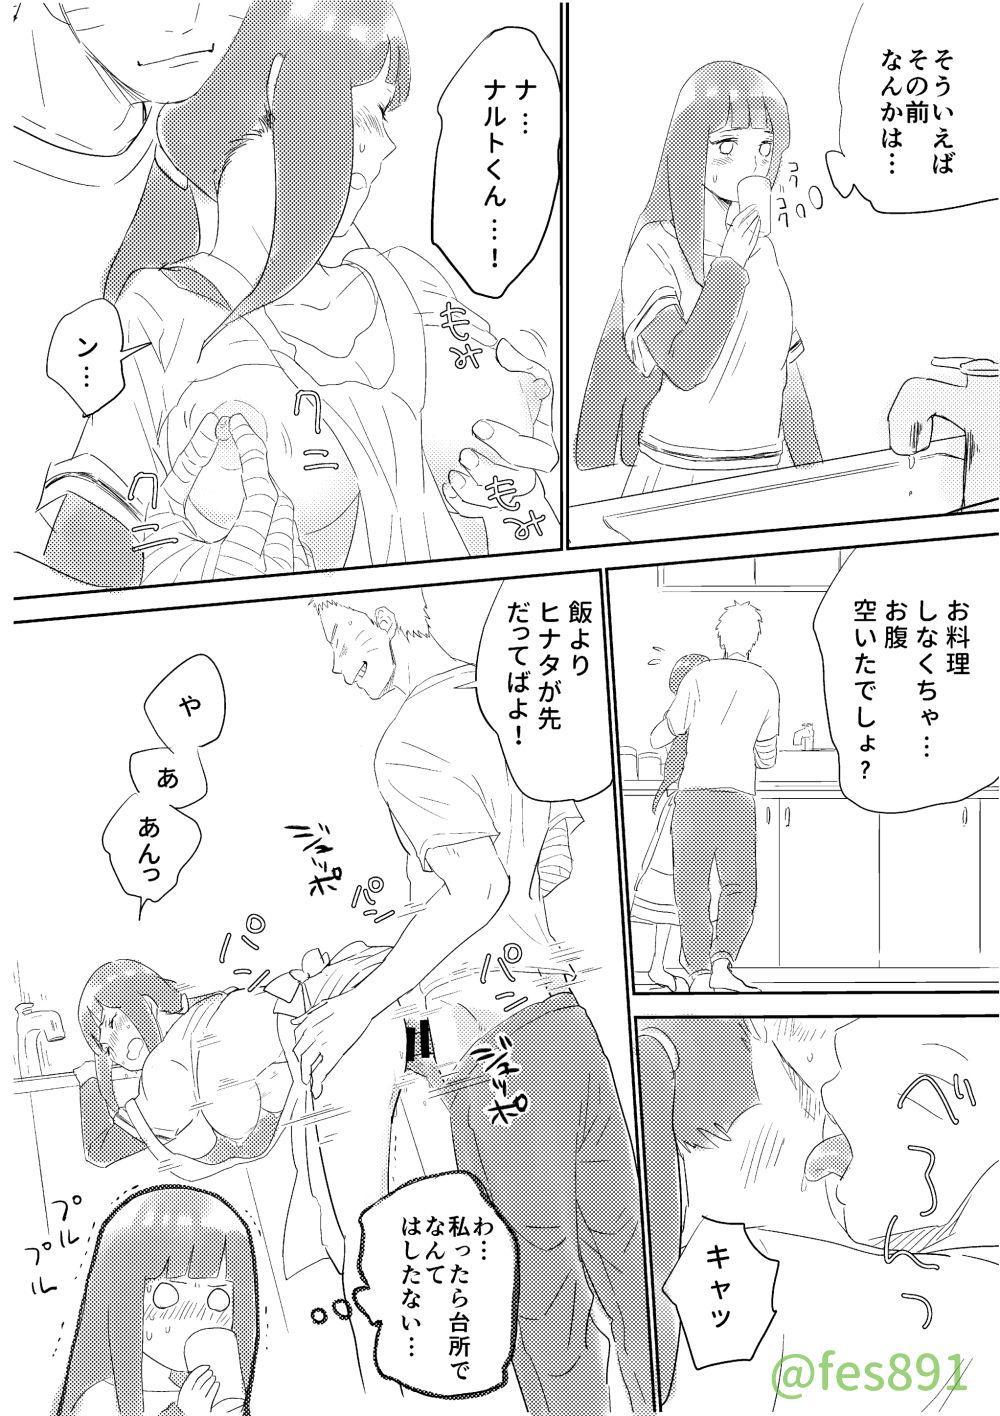 全忍3無配マンガ 3